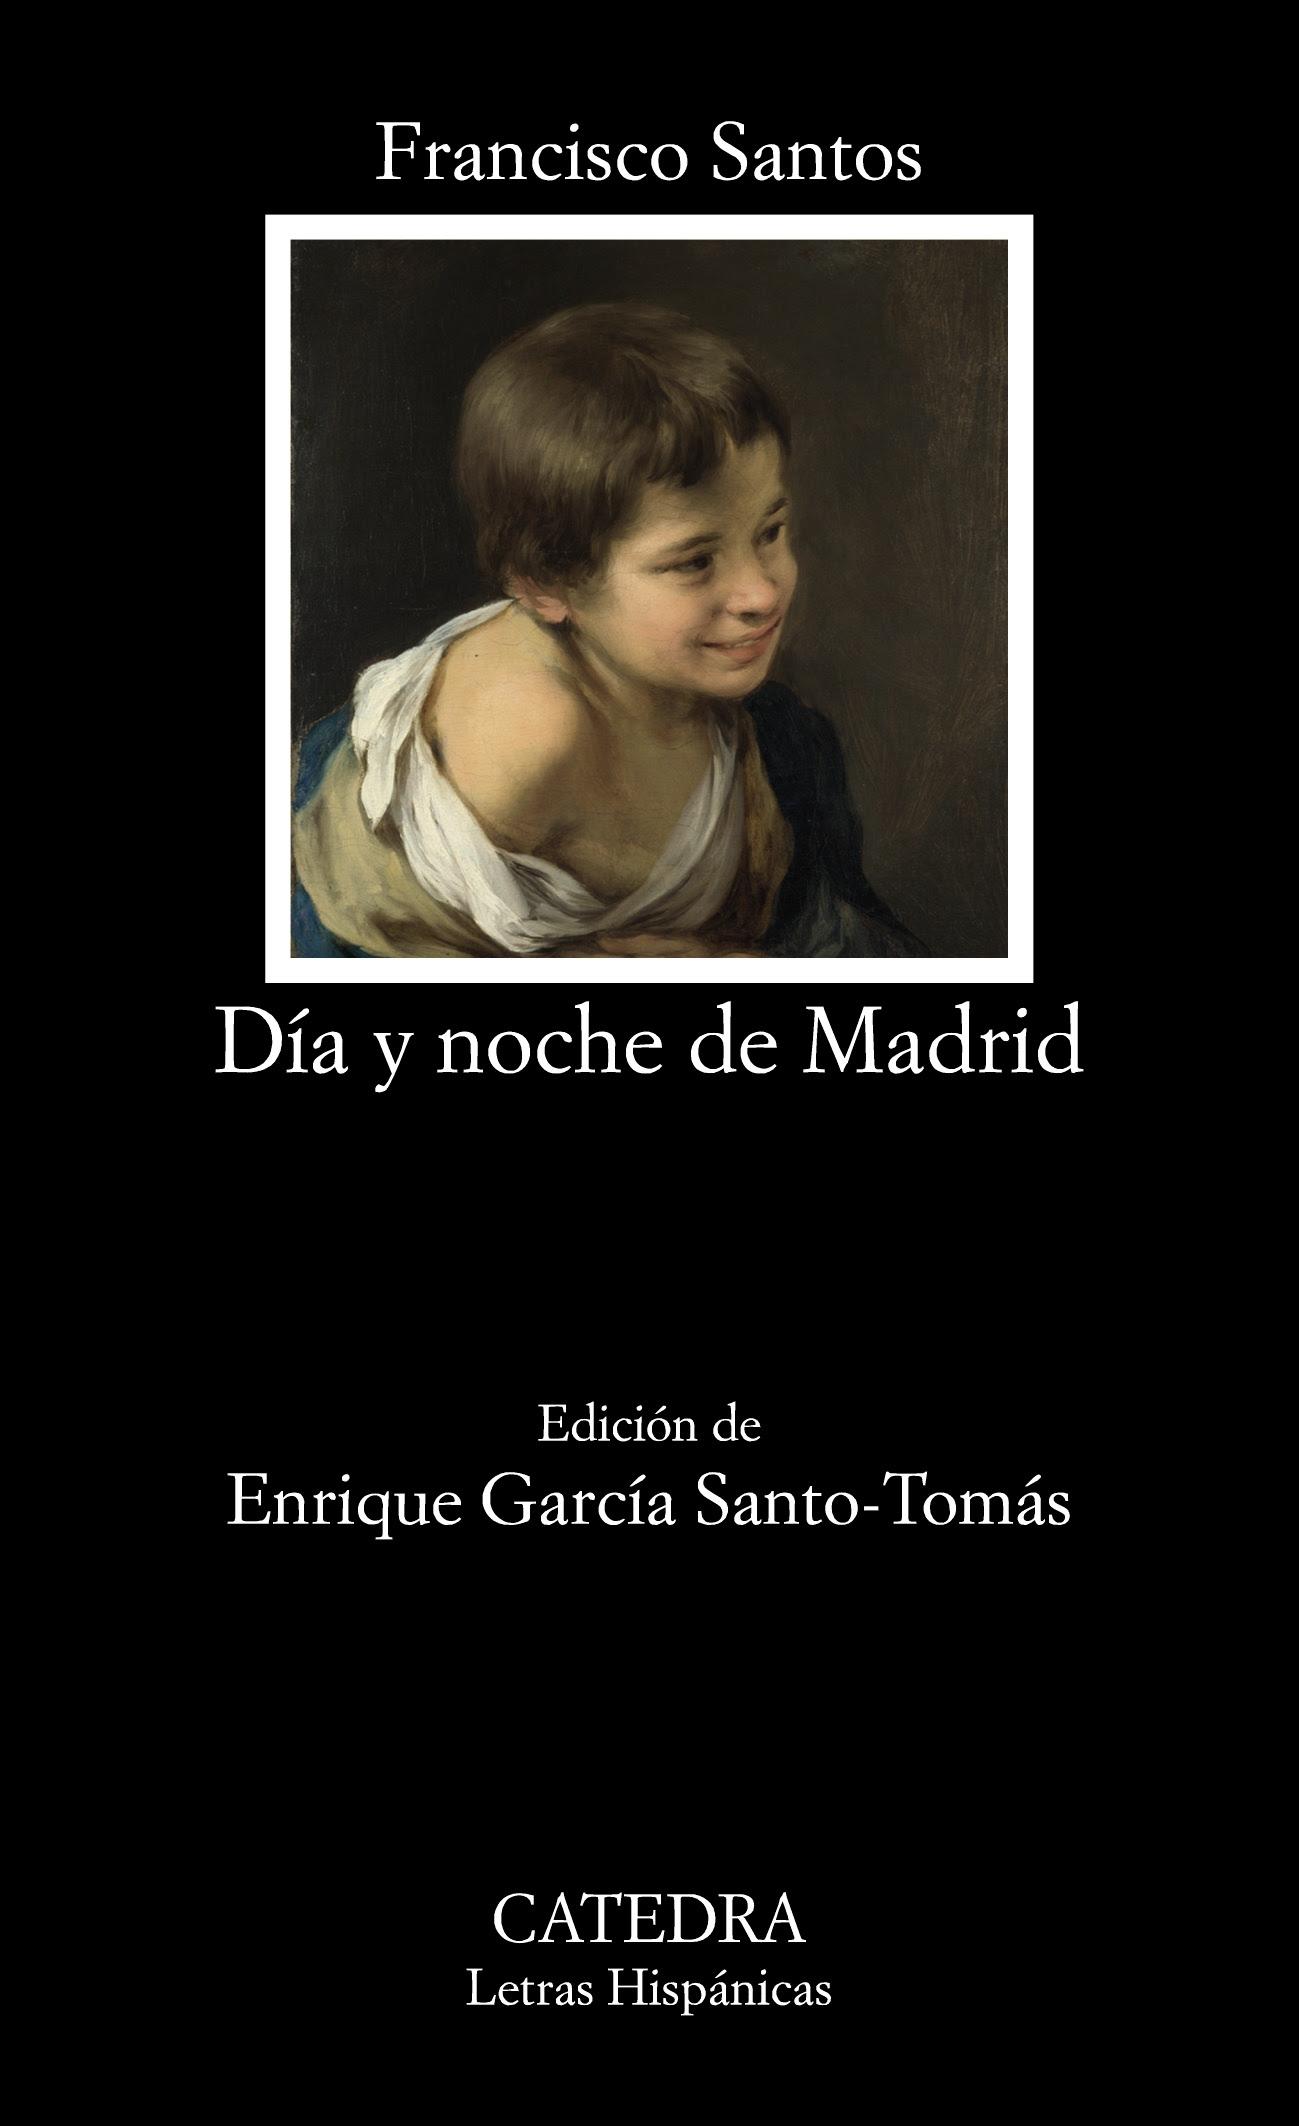 Día y noche en Madrid